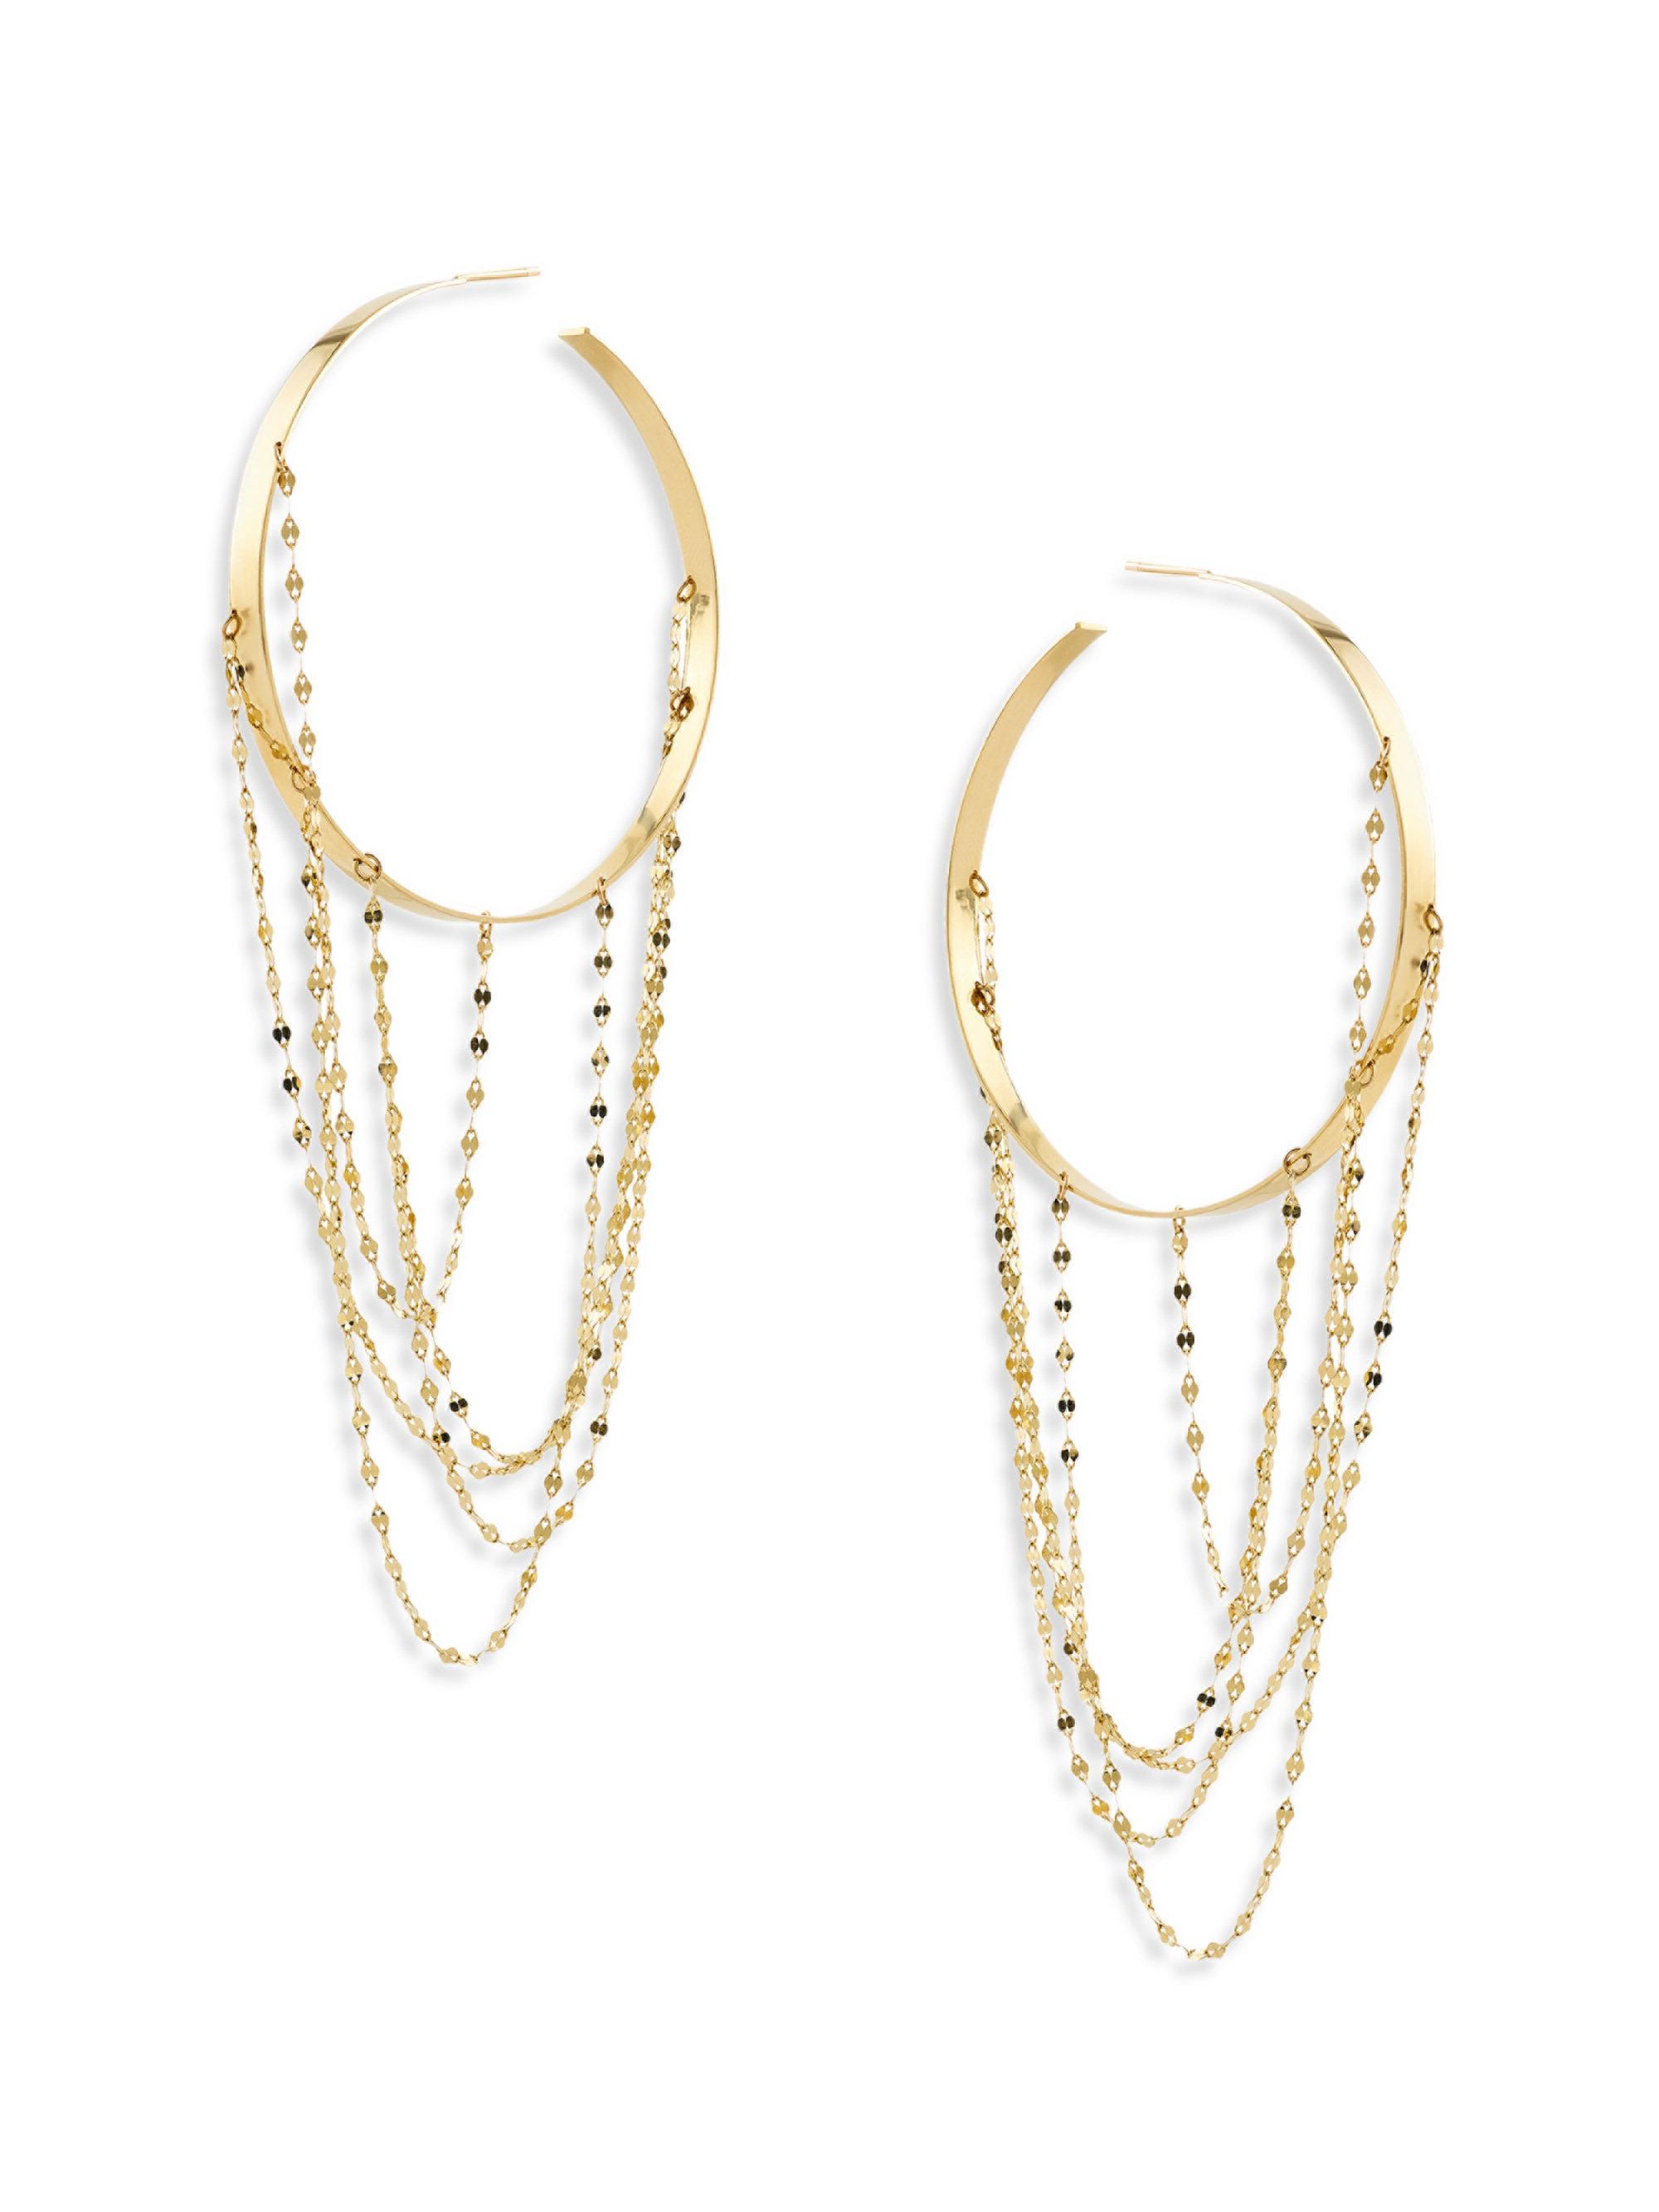 Lana Jewelry Large Bond Hoop Drop Earrings cBZYb2EJyd